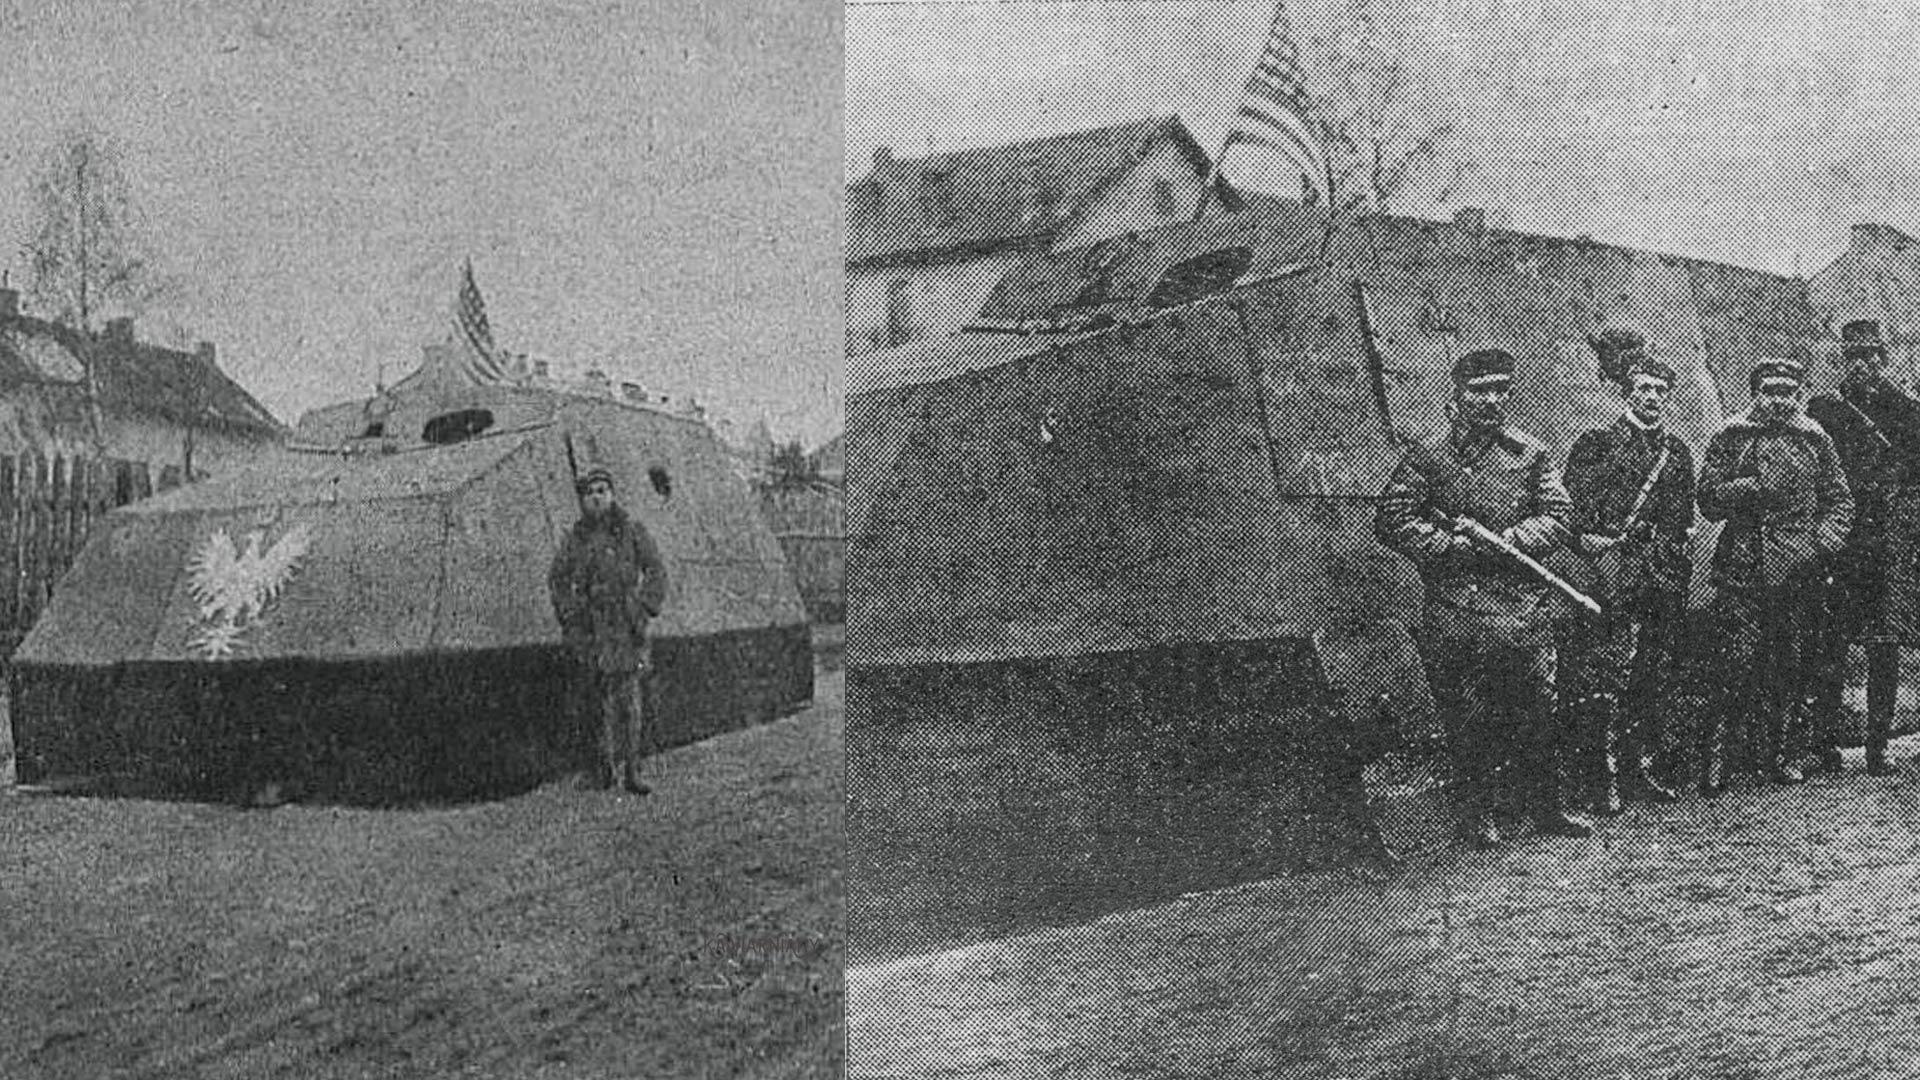 Improwizowany samochód pancerny Piłsudski. Ukończony 8 listopada 1918 roku, uszkodzony dzień później